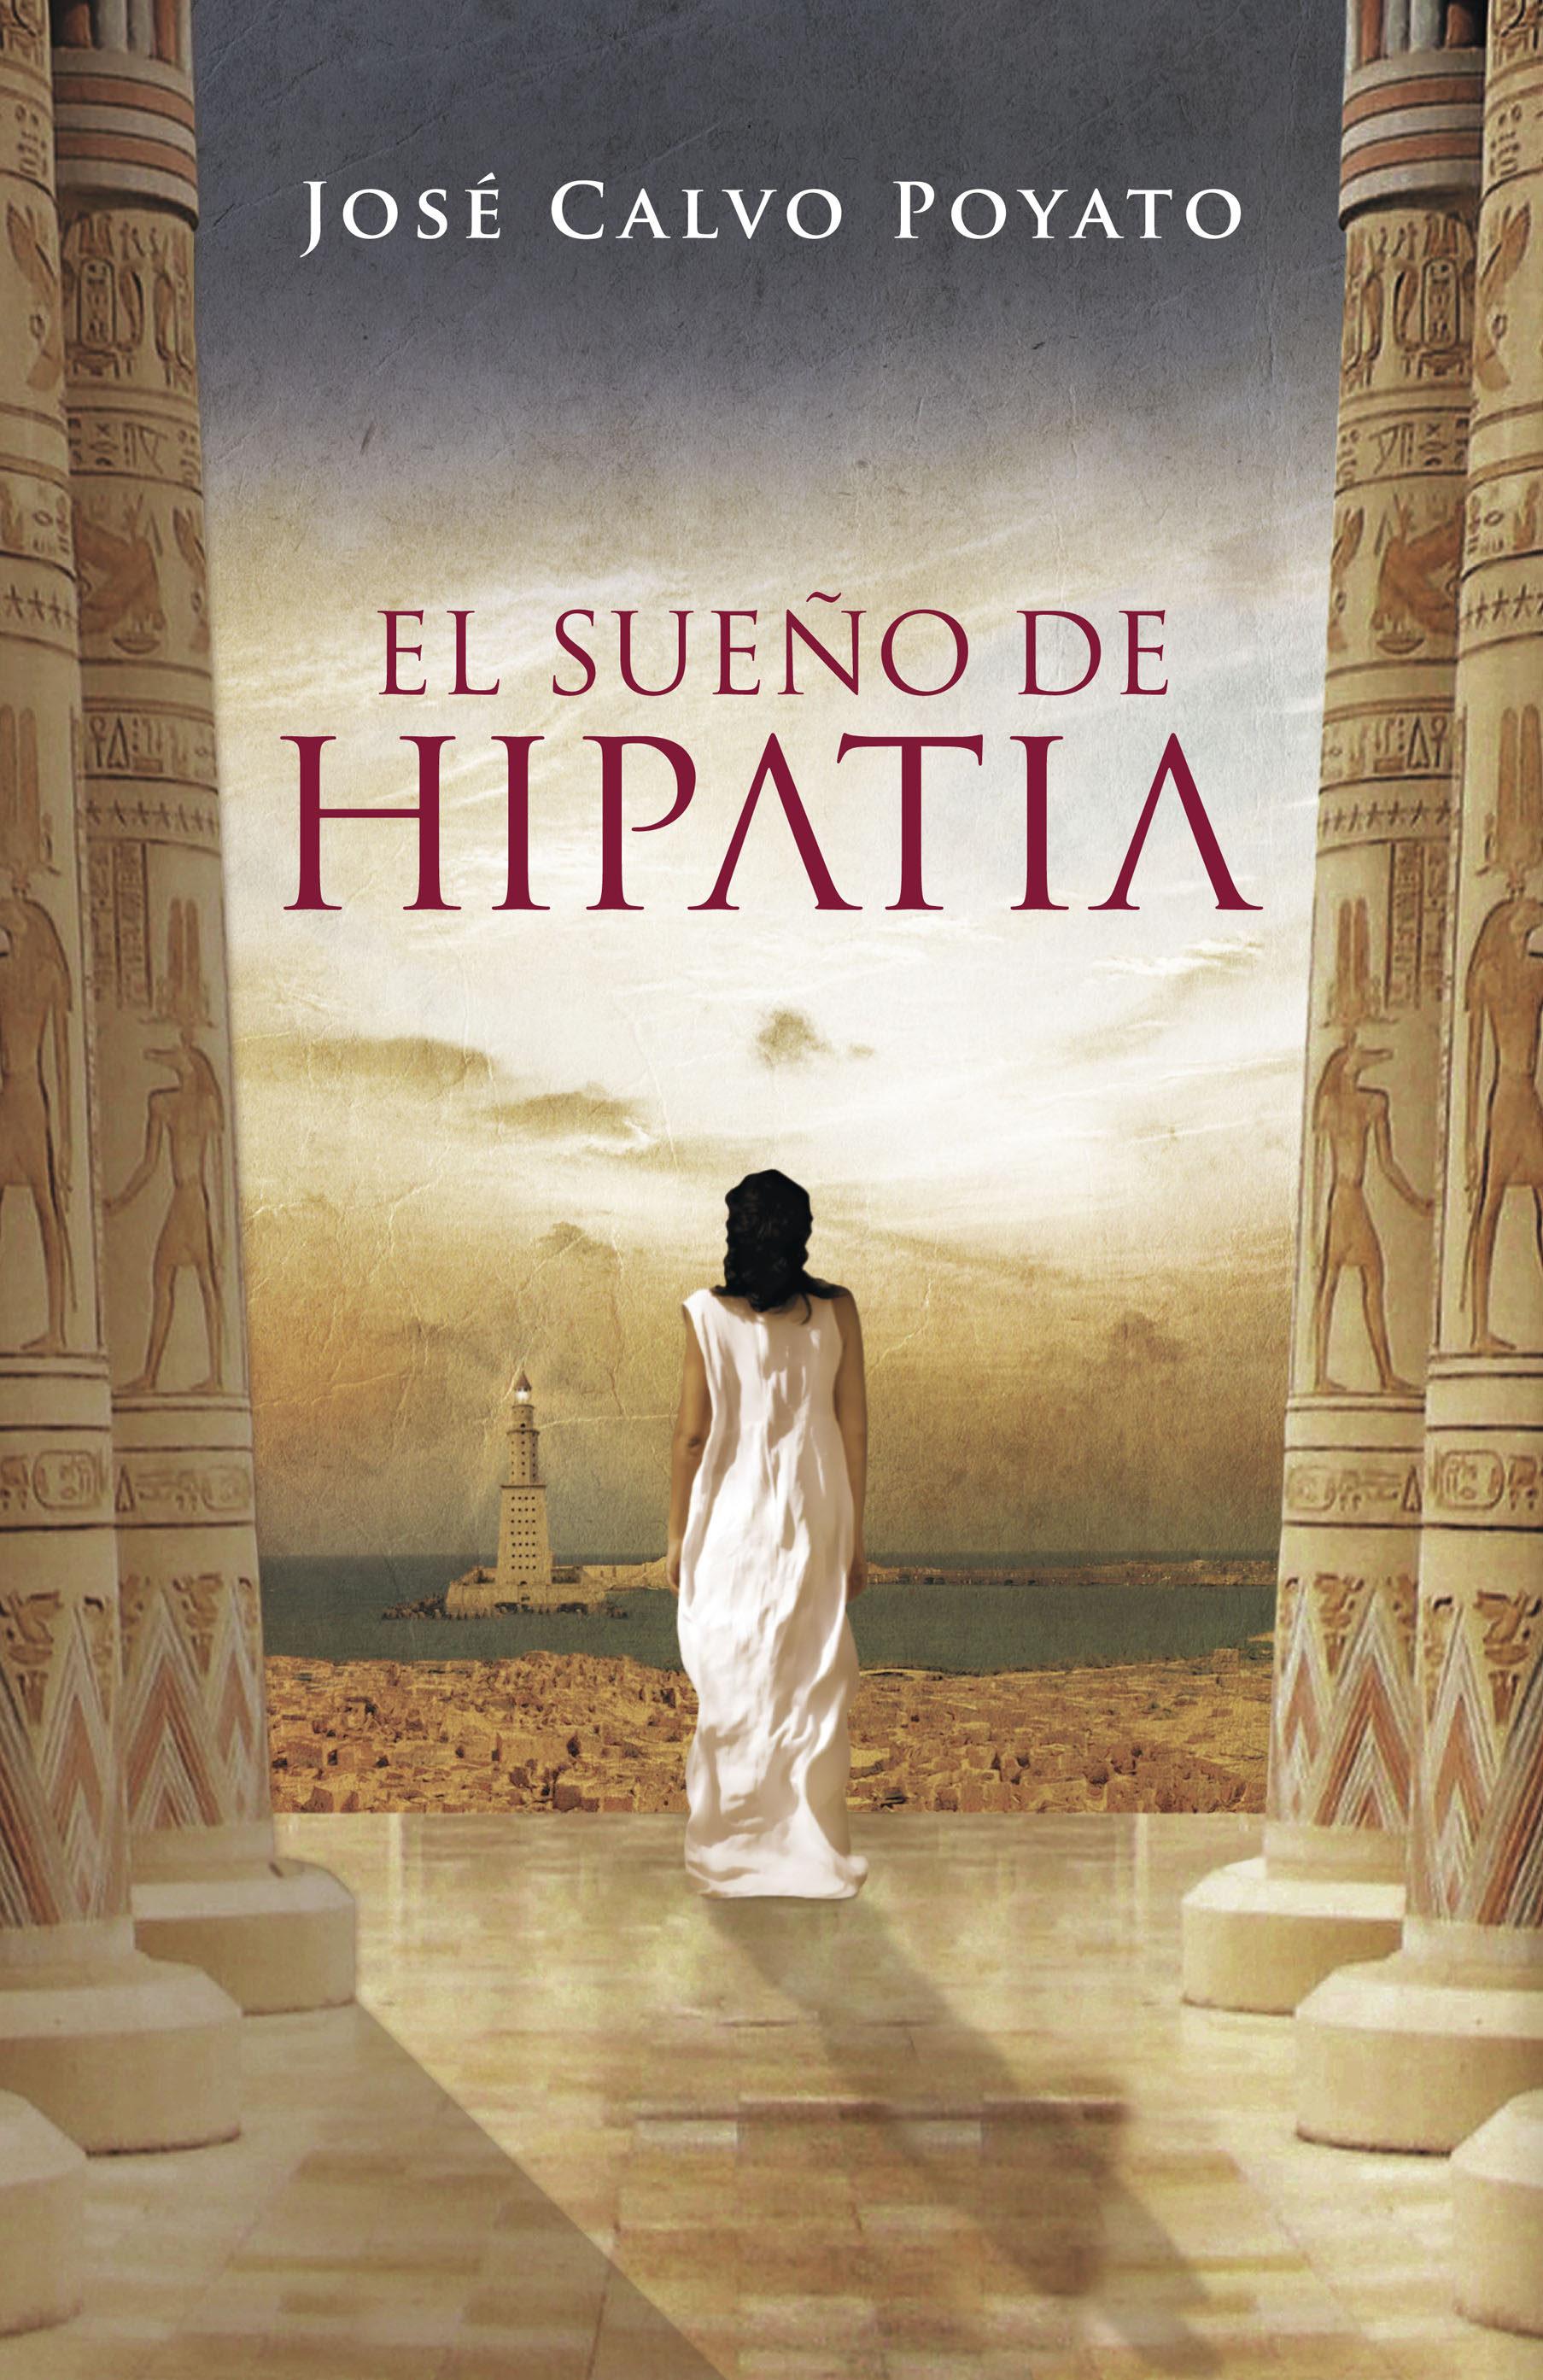 el sueño de hipatia (ebook)-jose calvo poyato-9788401339820